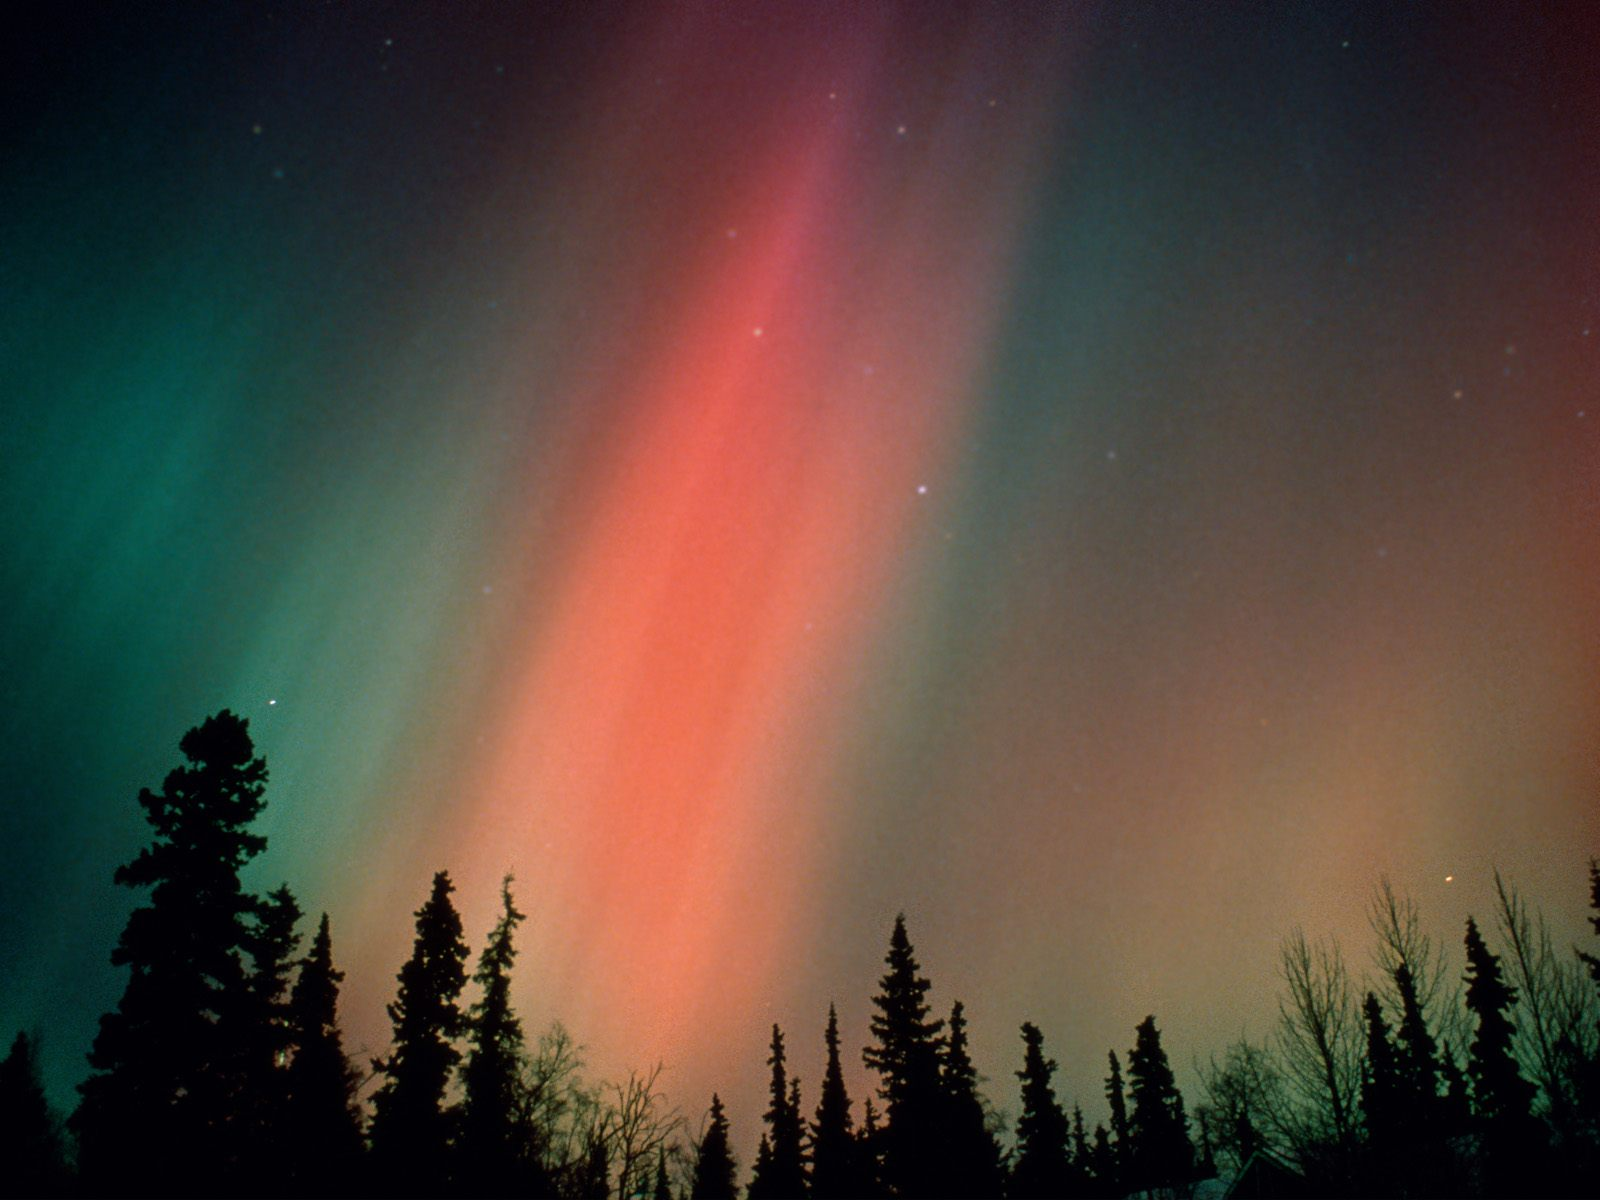 Desktop wallpaper aurora boreale alaska for Sfondi desktop aurora boreale